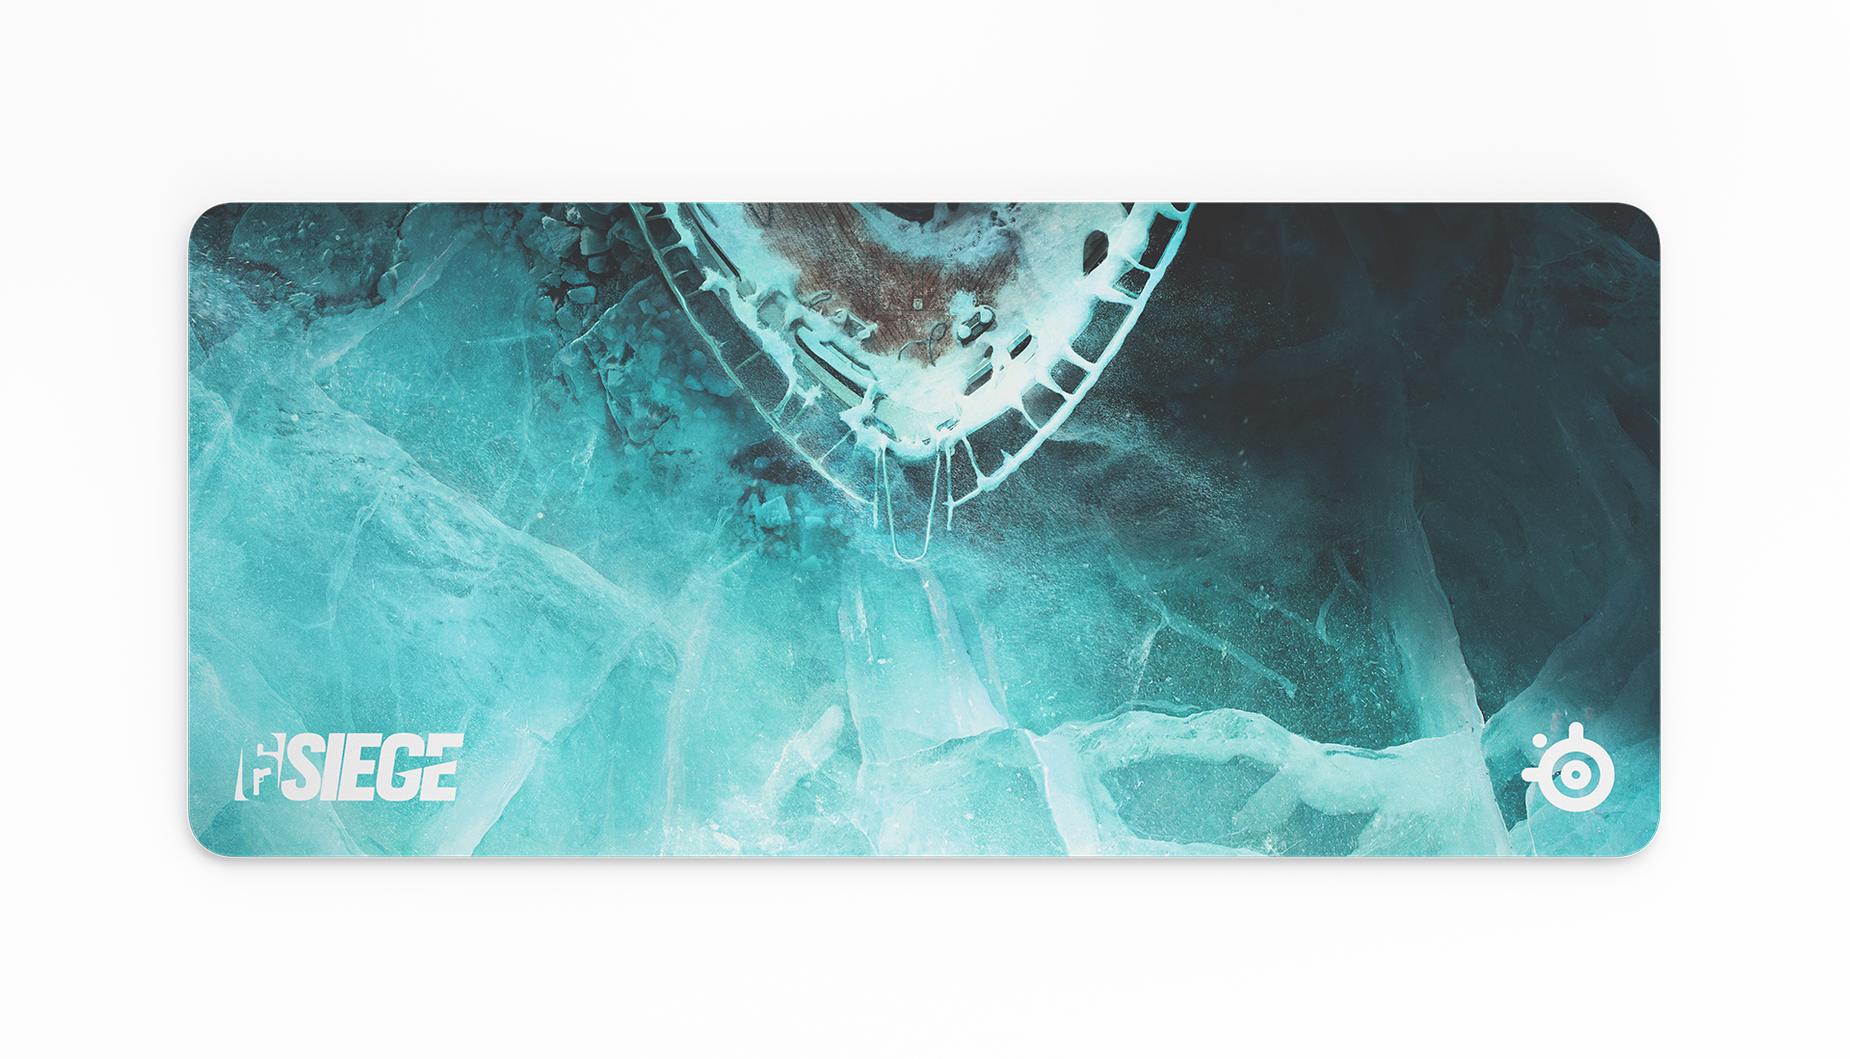 QcK Black Ice 滑鼠的俯視圖。